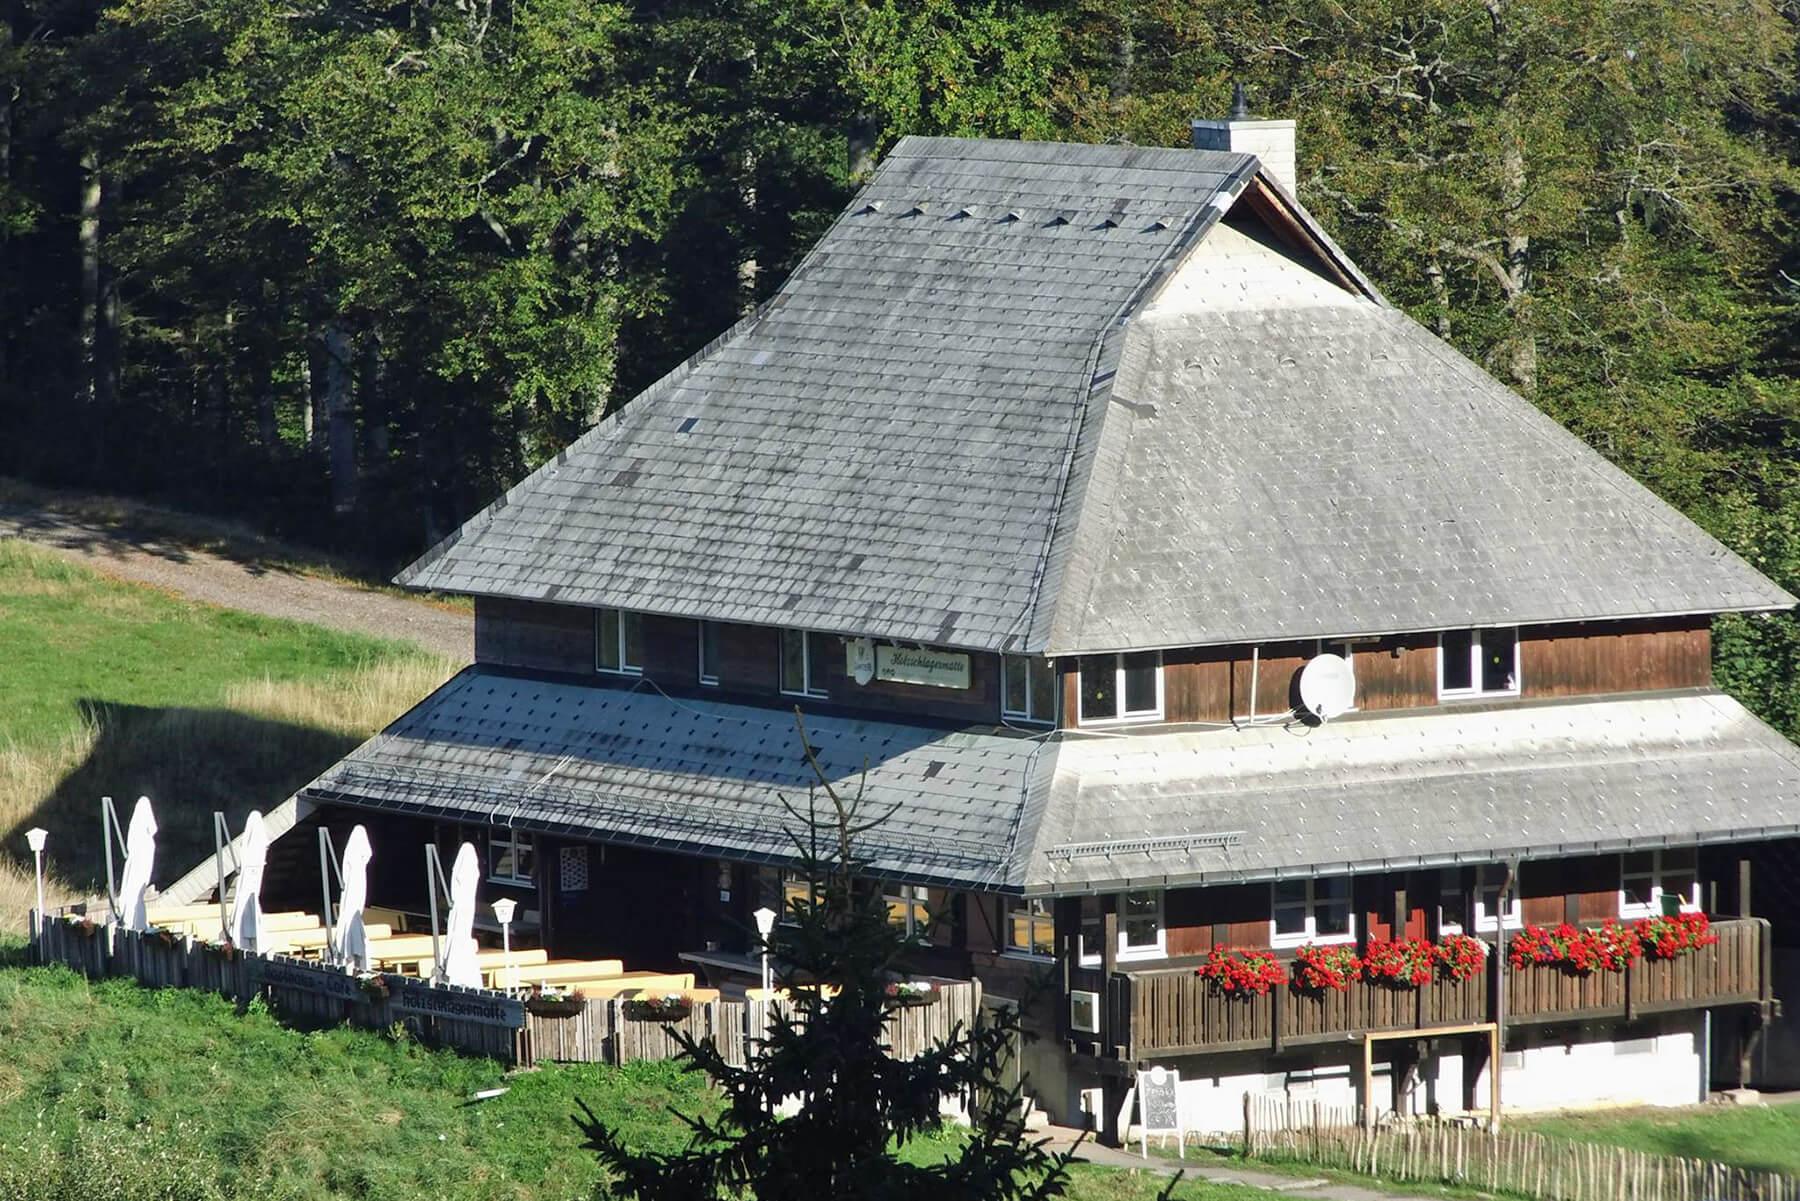 Bildhauer OMI Riesterer Karlsruhe Projekte Architektur Gasthaus Holzschlägermatte Schauinsland Freiburg